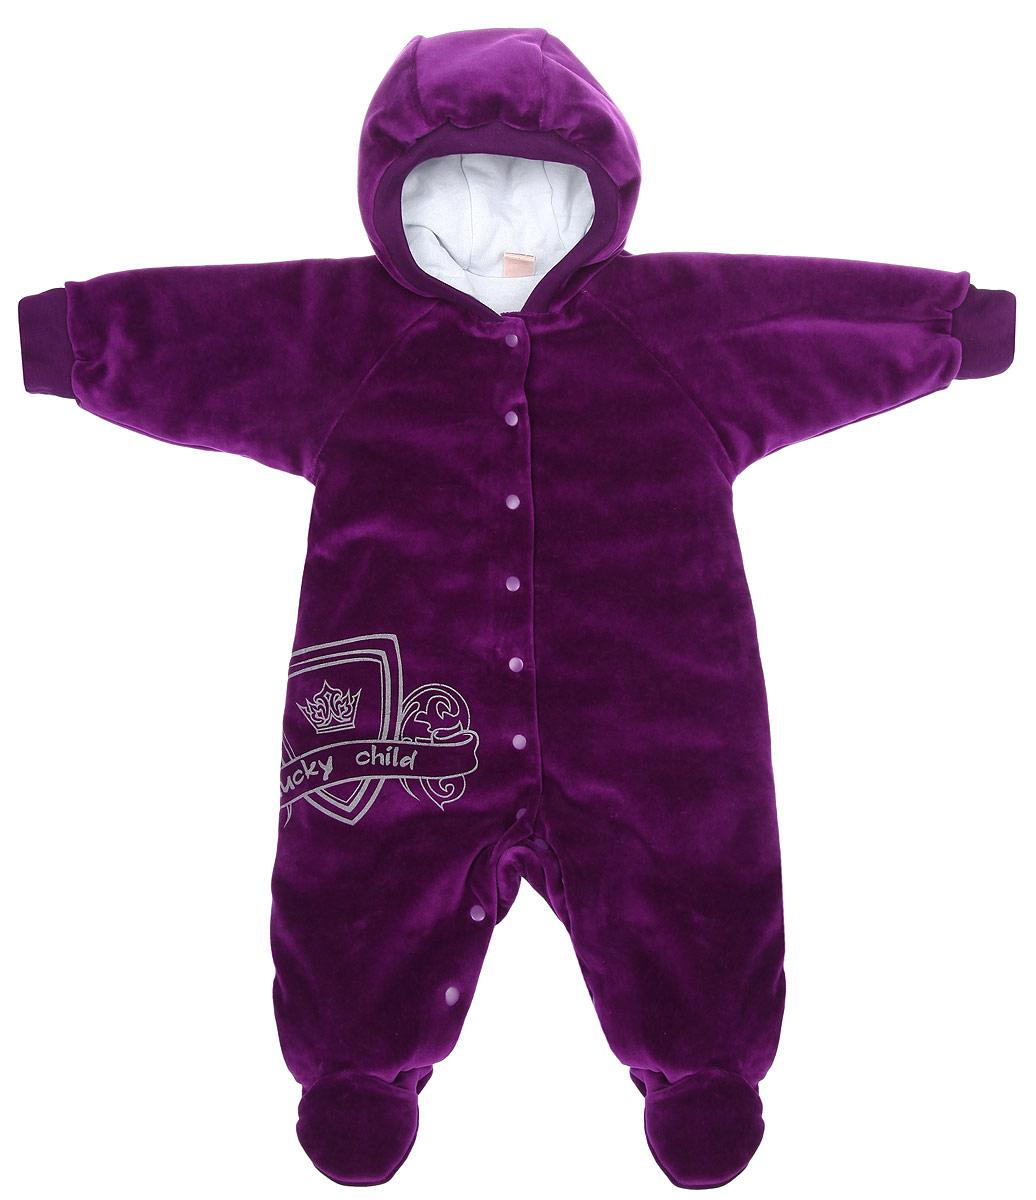 Комбинезон детский Lucky Child, цвет: фиолетовый, белый. 5-1. Размер 62/685-1Детский комбинезон Lucky Child - очень удобный и практичный вид одежды для малышей. Комбинезон выполнен из велюра на подкладке из натурального хлопка, благодаря чему он необычайно мягкий и приятный на ощупь, не раздражают нежную кожу ребенка и хорошо вентилируются, а эластичные швы приятны телу младенца и не препятствуют его движениям. В качестве утеплителя используется синтепон. Комбинезон с капюшоном, длинными рукавами-реглан и закрытыми ножками по центру застегивается на металлические застежки-кнопки, также имеются застежки-кнопки на ластовице, что помогает с легкостью переодеть младенца или сменить подгузник. Капюшон по краю дополнен широкой трикотажной резинкой. Рукава понизу дополнены широкими эластичными манжетами, которые мягко обхватывают запястья. Спереди изделие оформлено оригинальным принтом в виде логотипа бренда. С детским комбинезоном Lucky Child спинка и ножки вашего малыша всегда будут в тепле. Комбинезон полностью соответствует особенностям жизни младенца в ранний период, не стесняя и не ограничивая его в движениях!